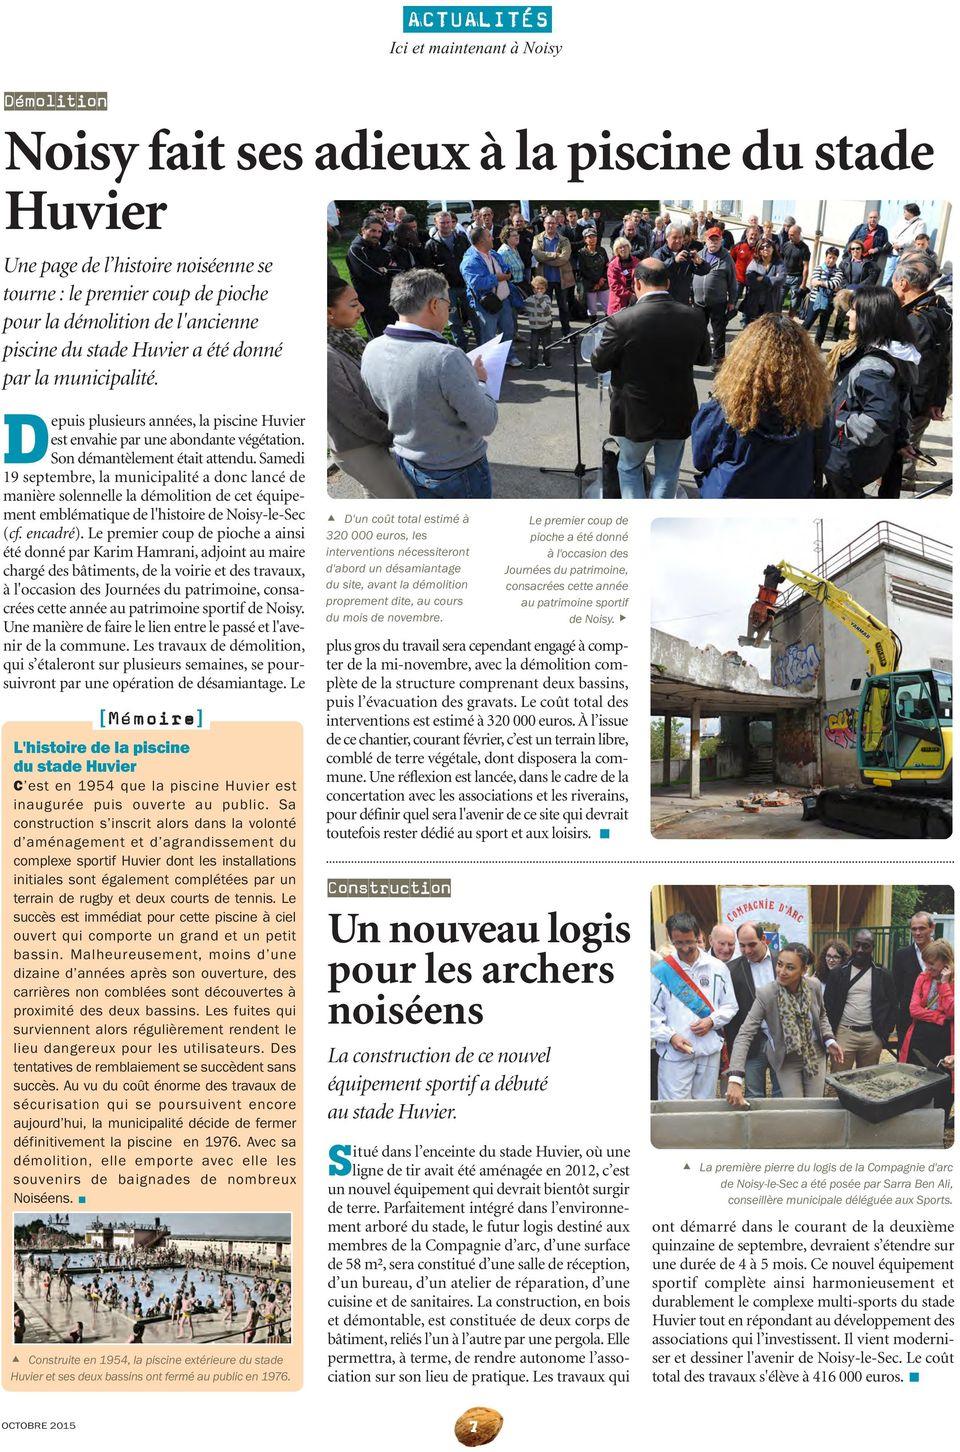 Les Rmations Municipales De La Ville De Noisy-Le-Sec. Du ... tout Piscine De Noisy Le Sec